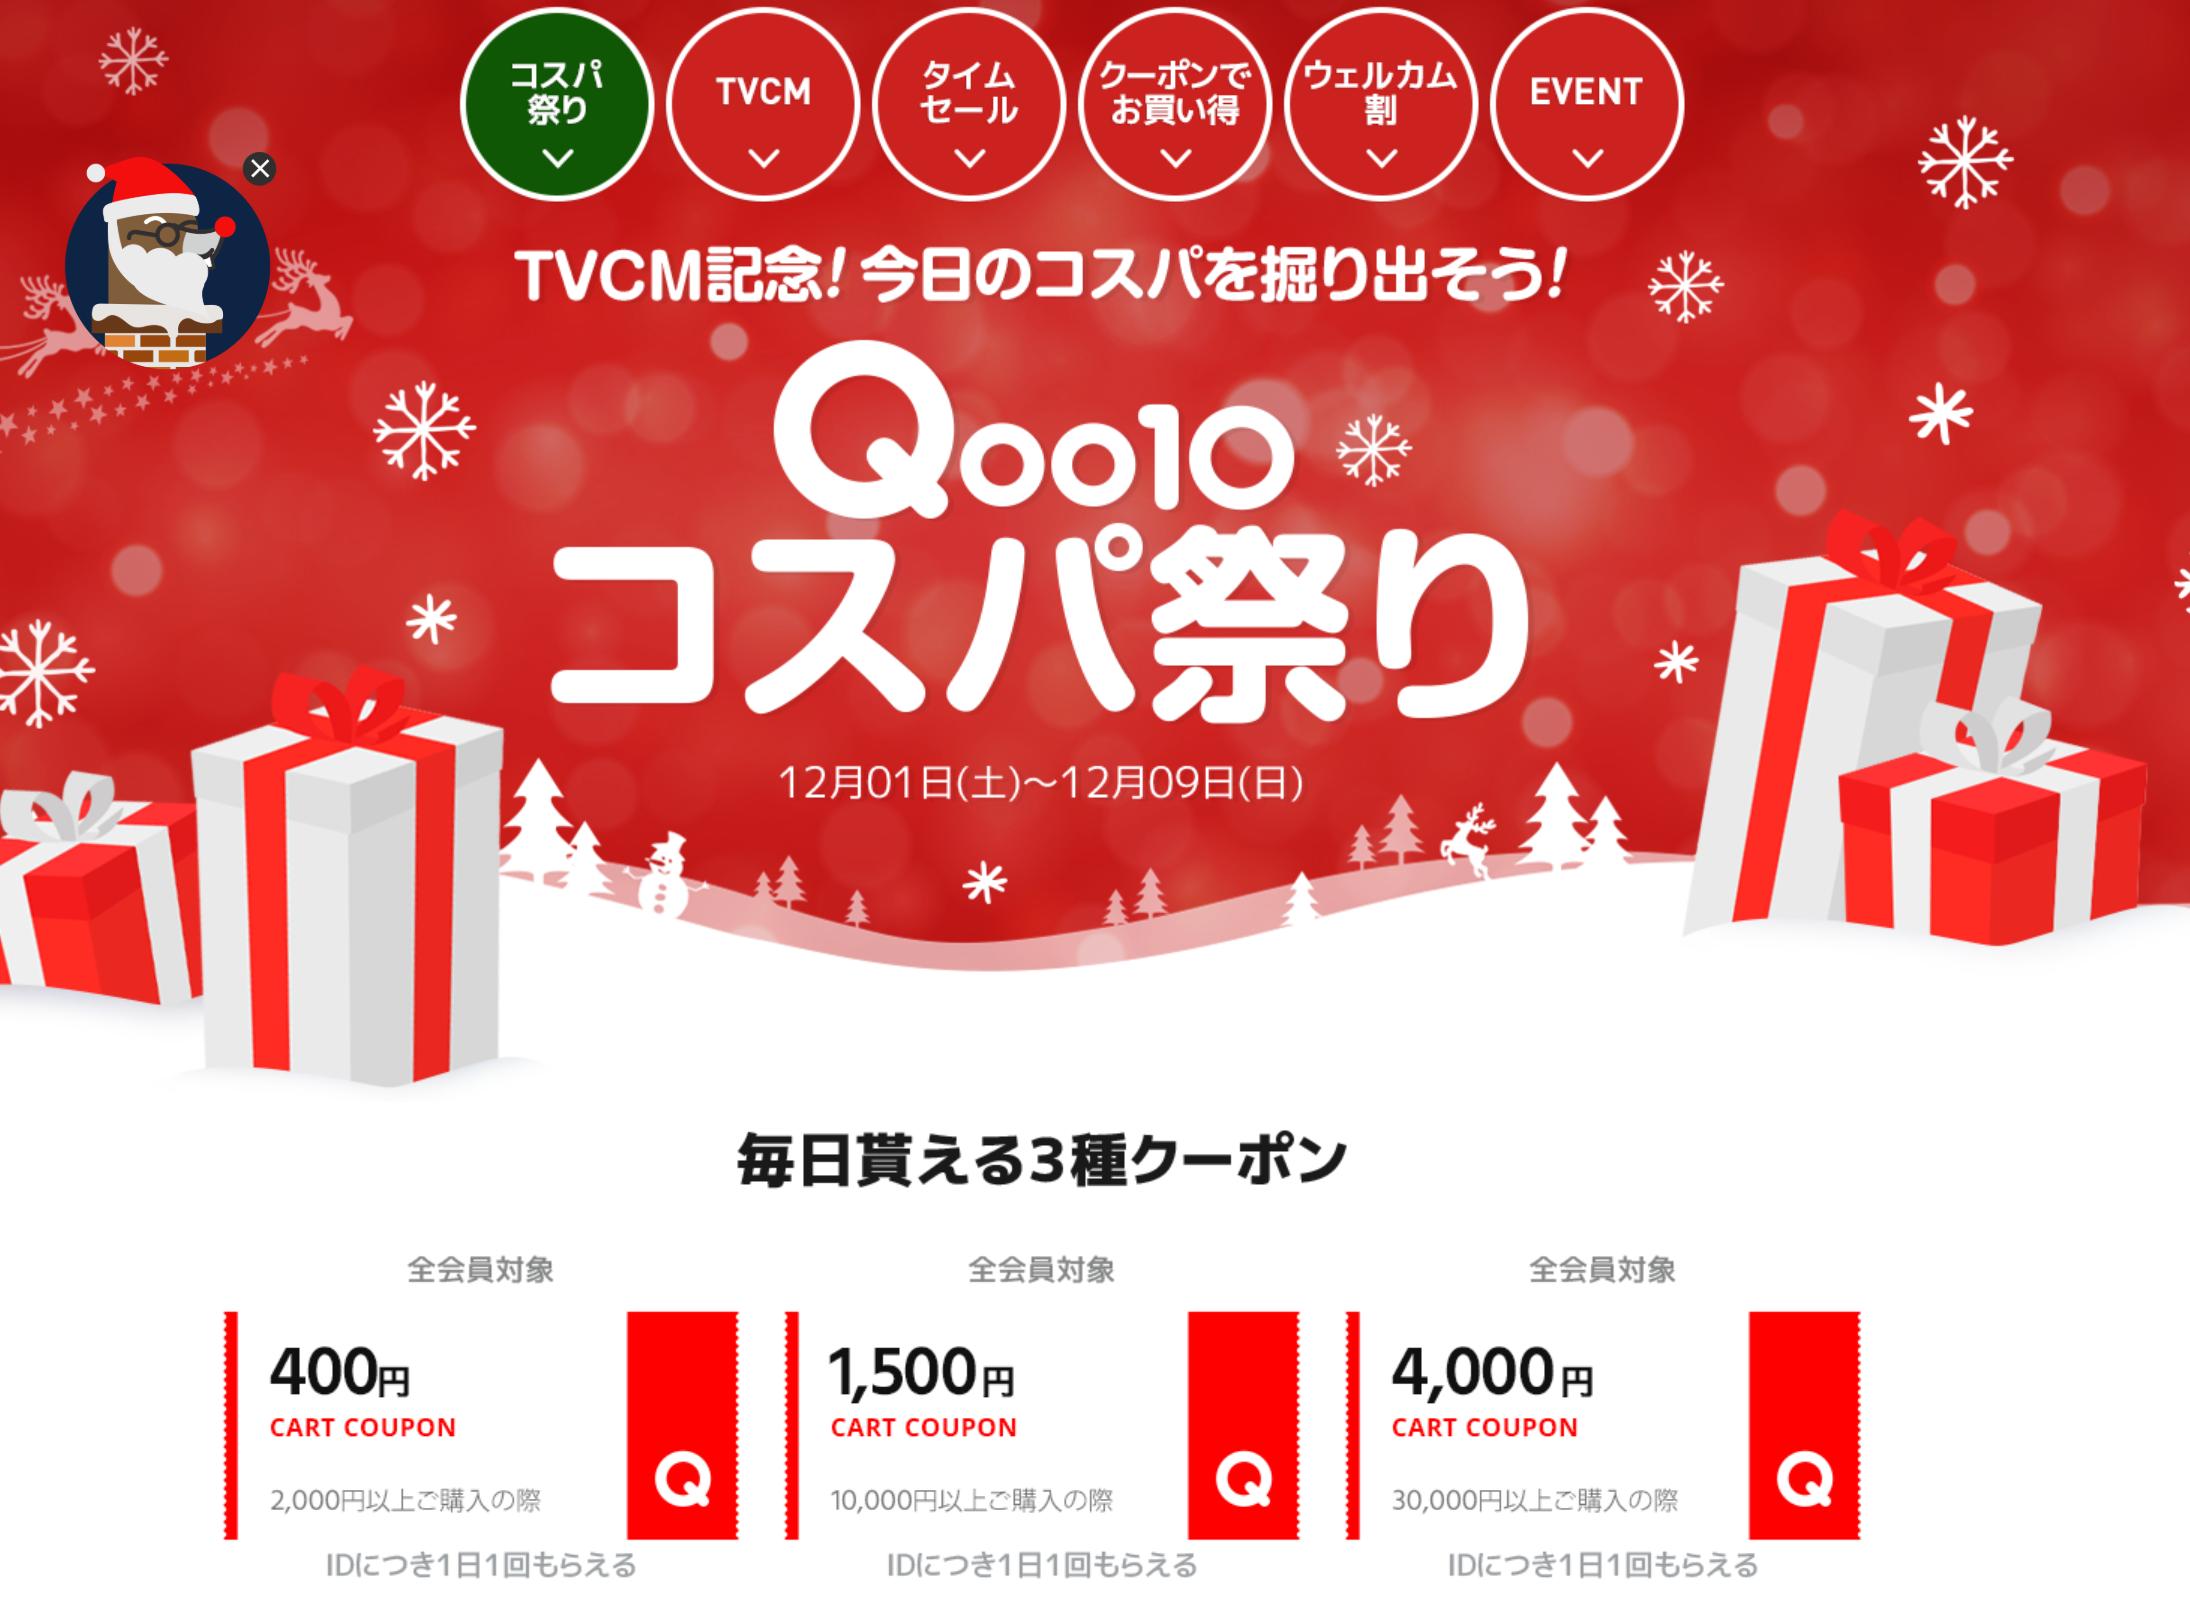 LINEショッピング 特別優待キャンペーン 10% ポイント せどり Qoo10 コスパ祭り